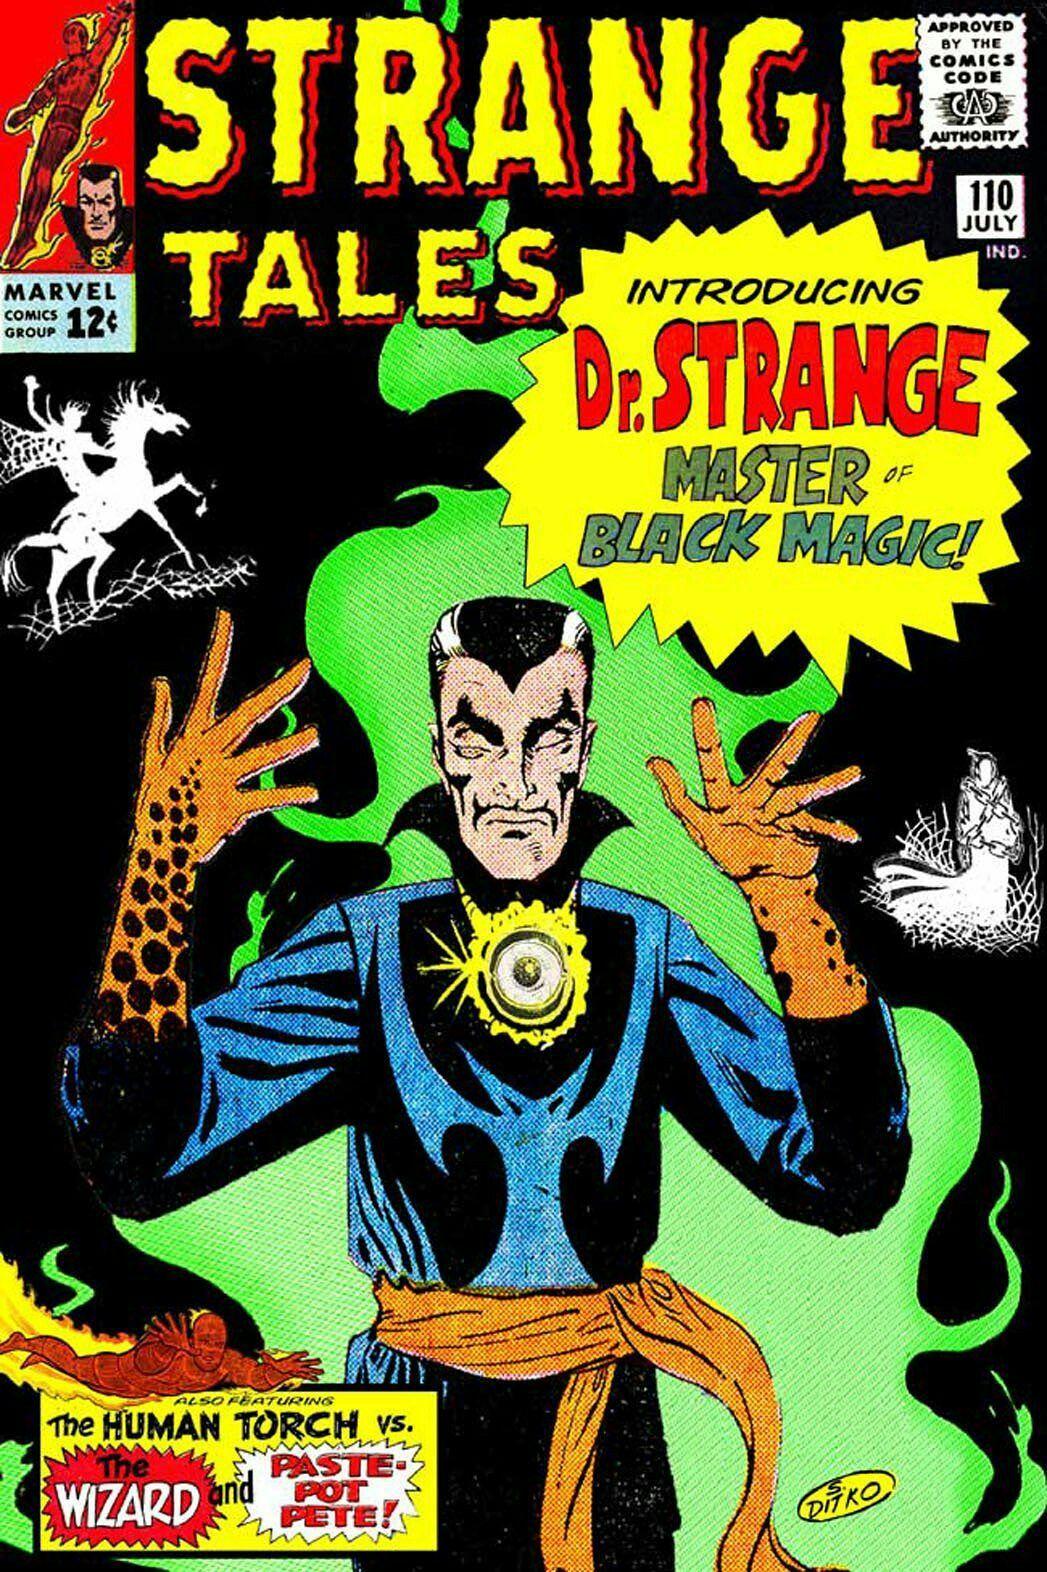 Image result for strange tales 110